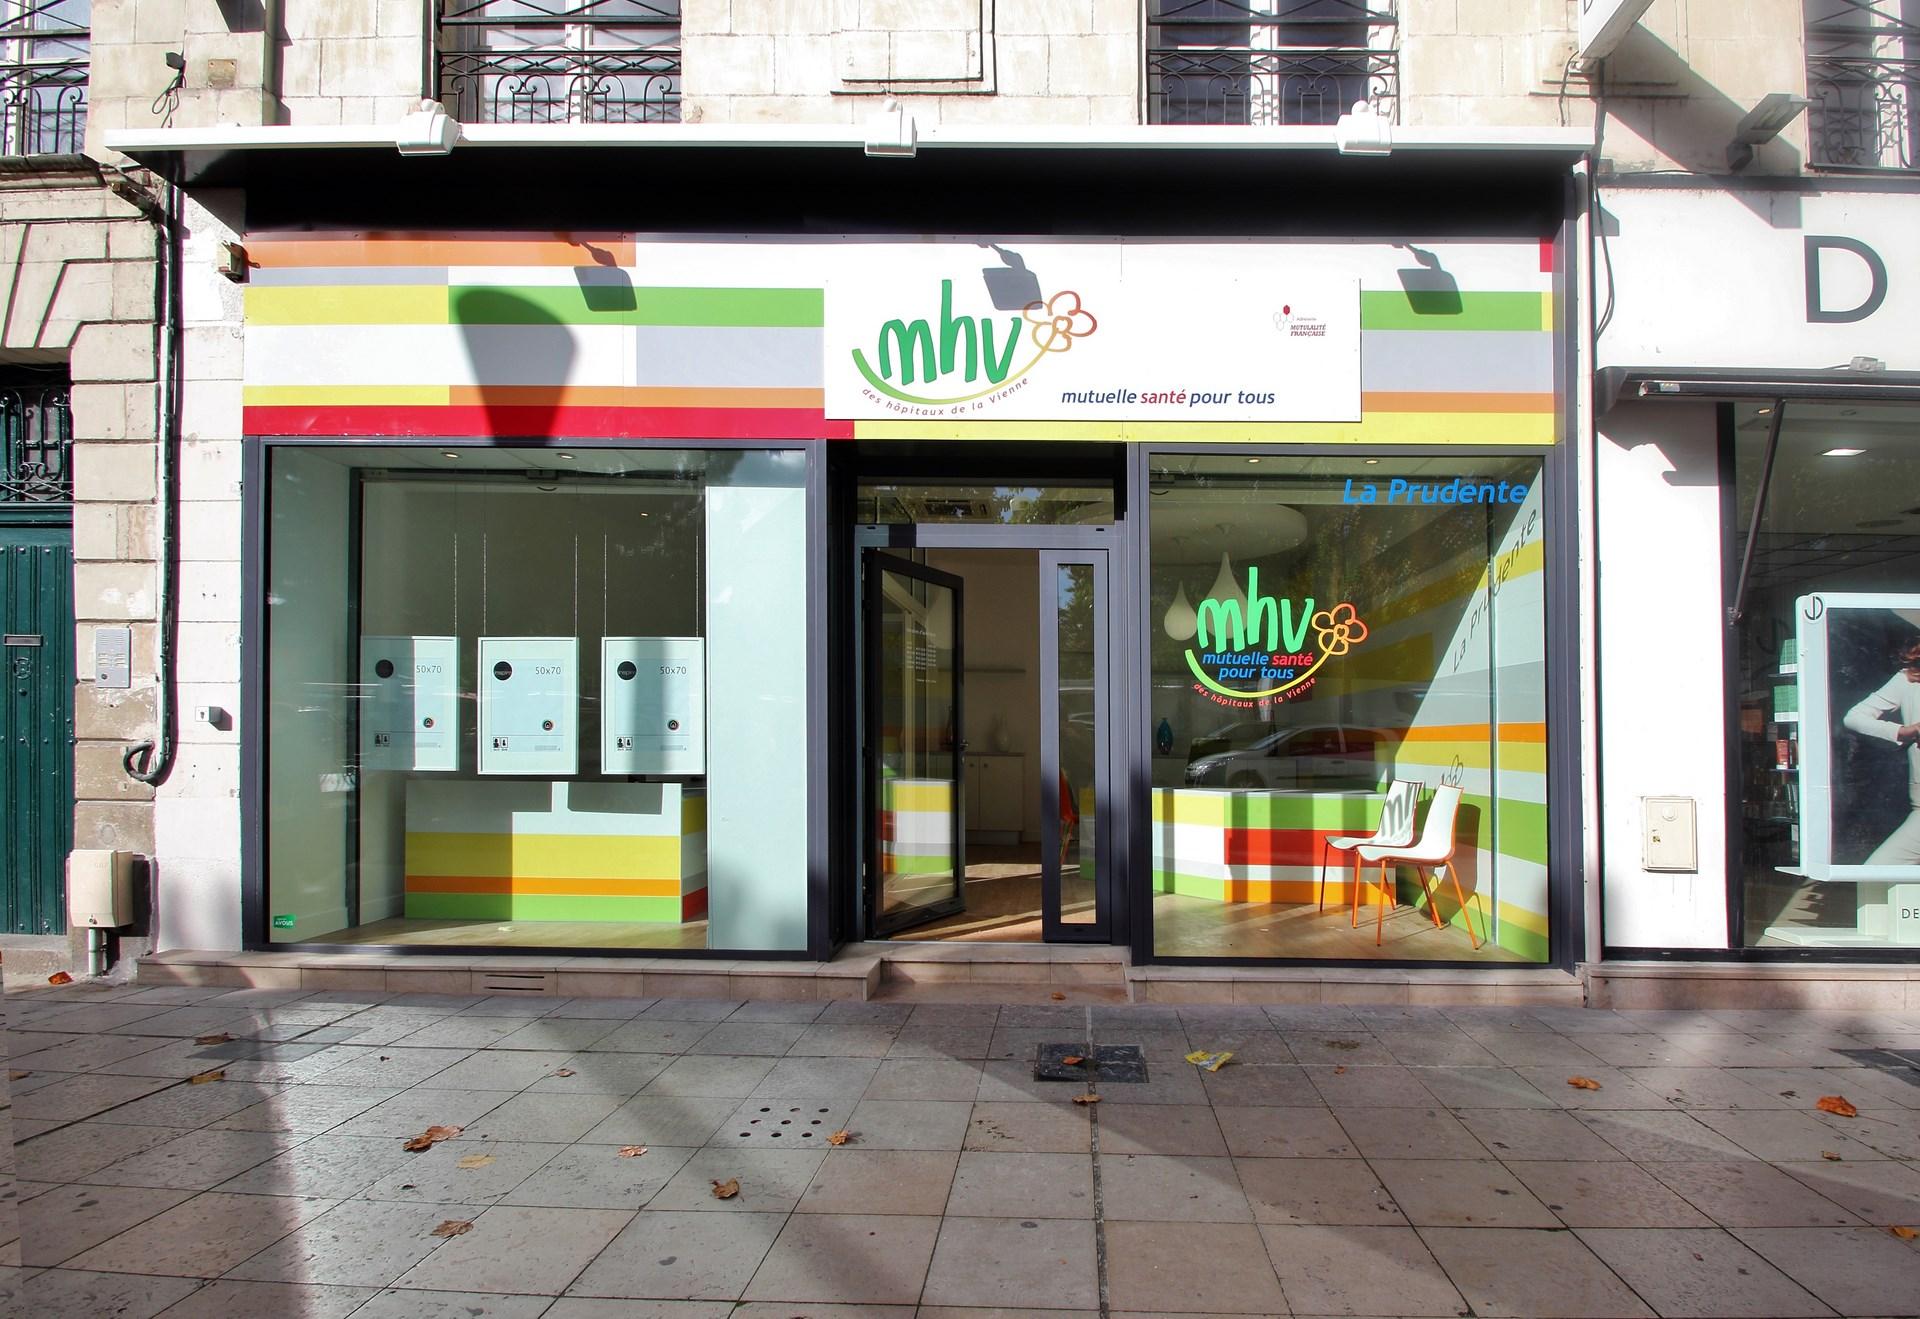 mutuelle boutique devanture agence avous